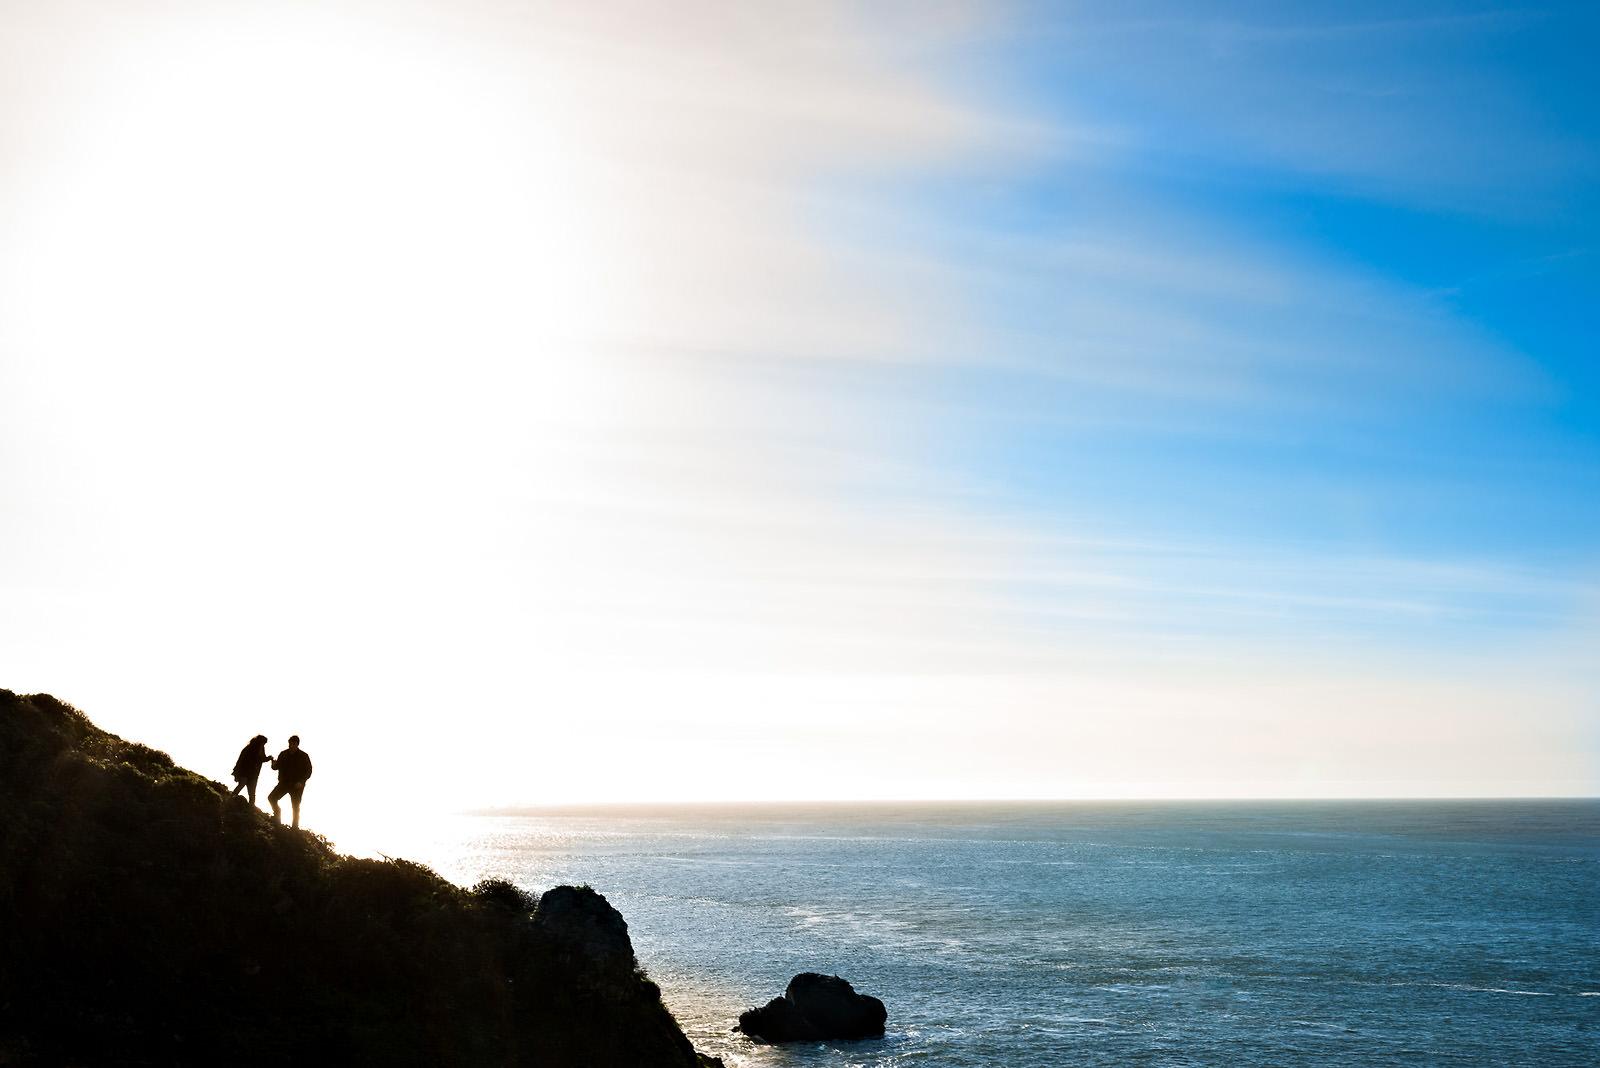 couple-climbing-cliff-over-ocean